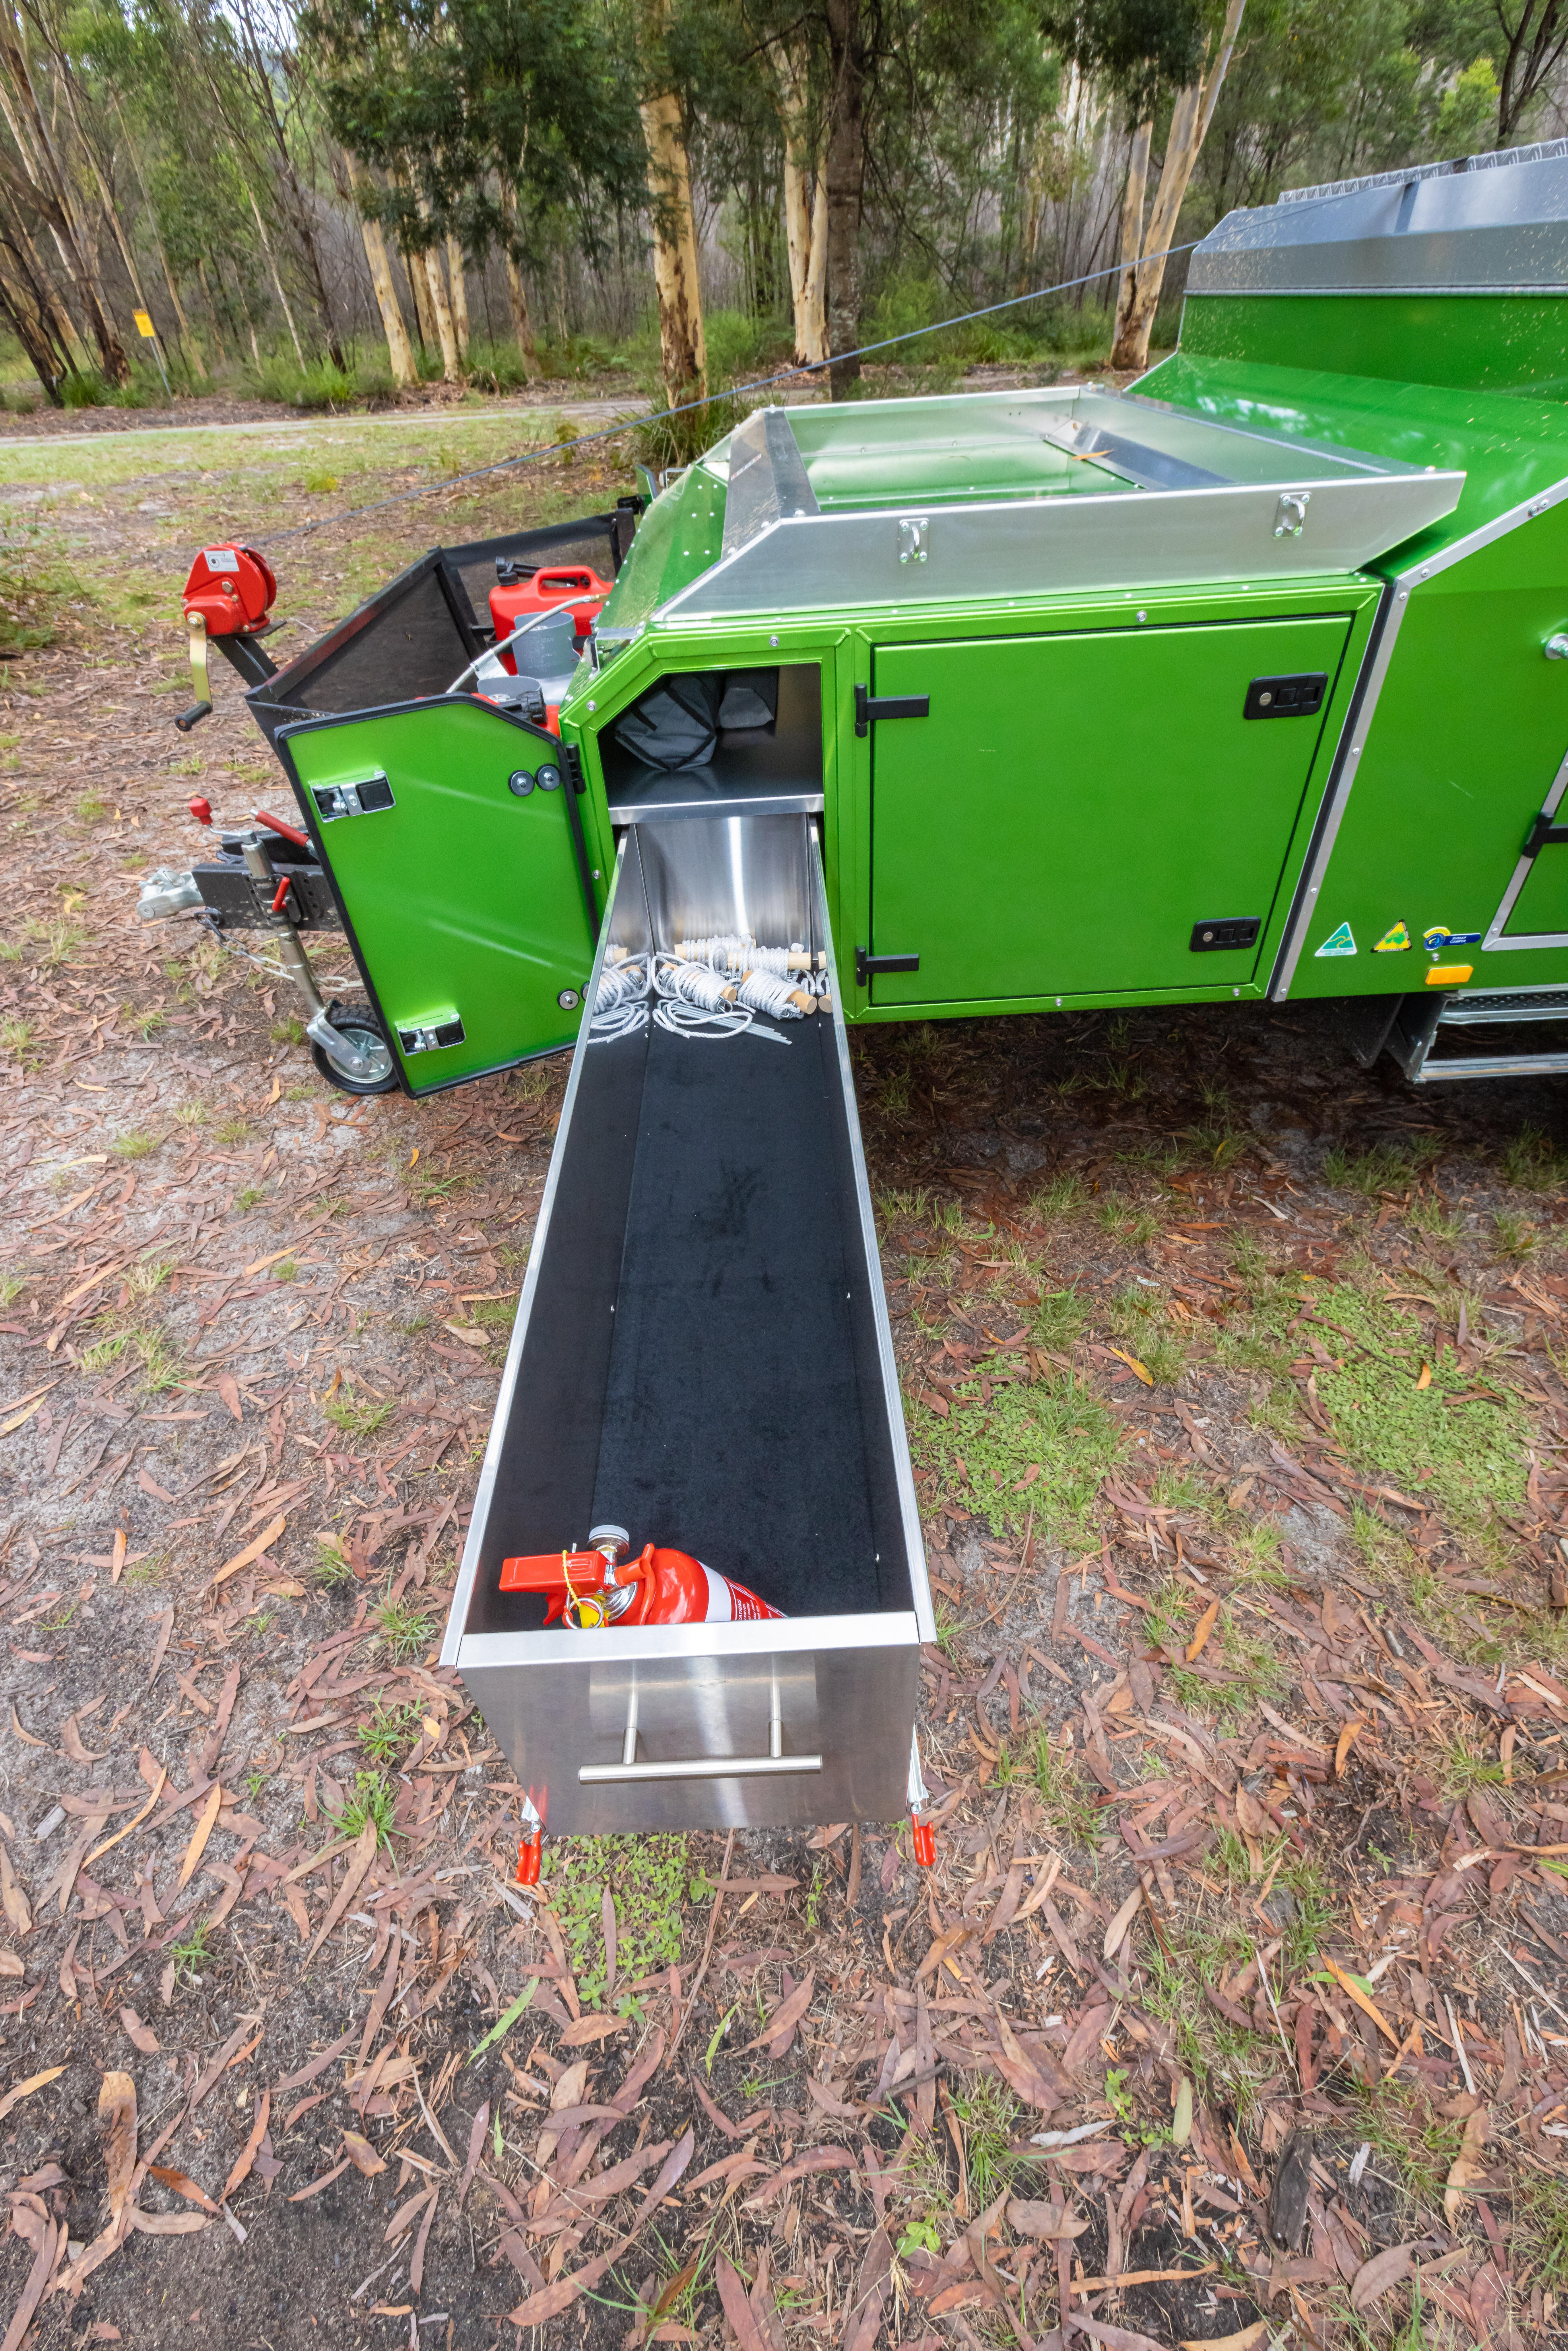 4 X 4 Australia Gear Cub Drifter 31